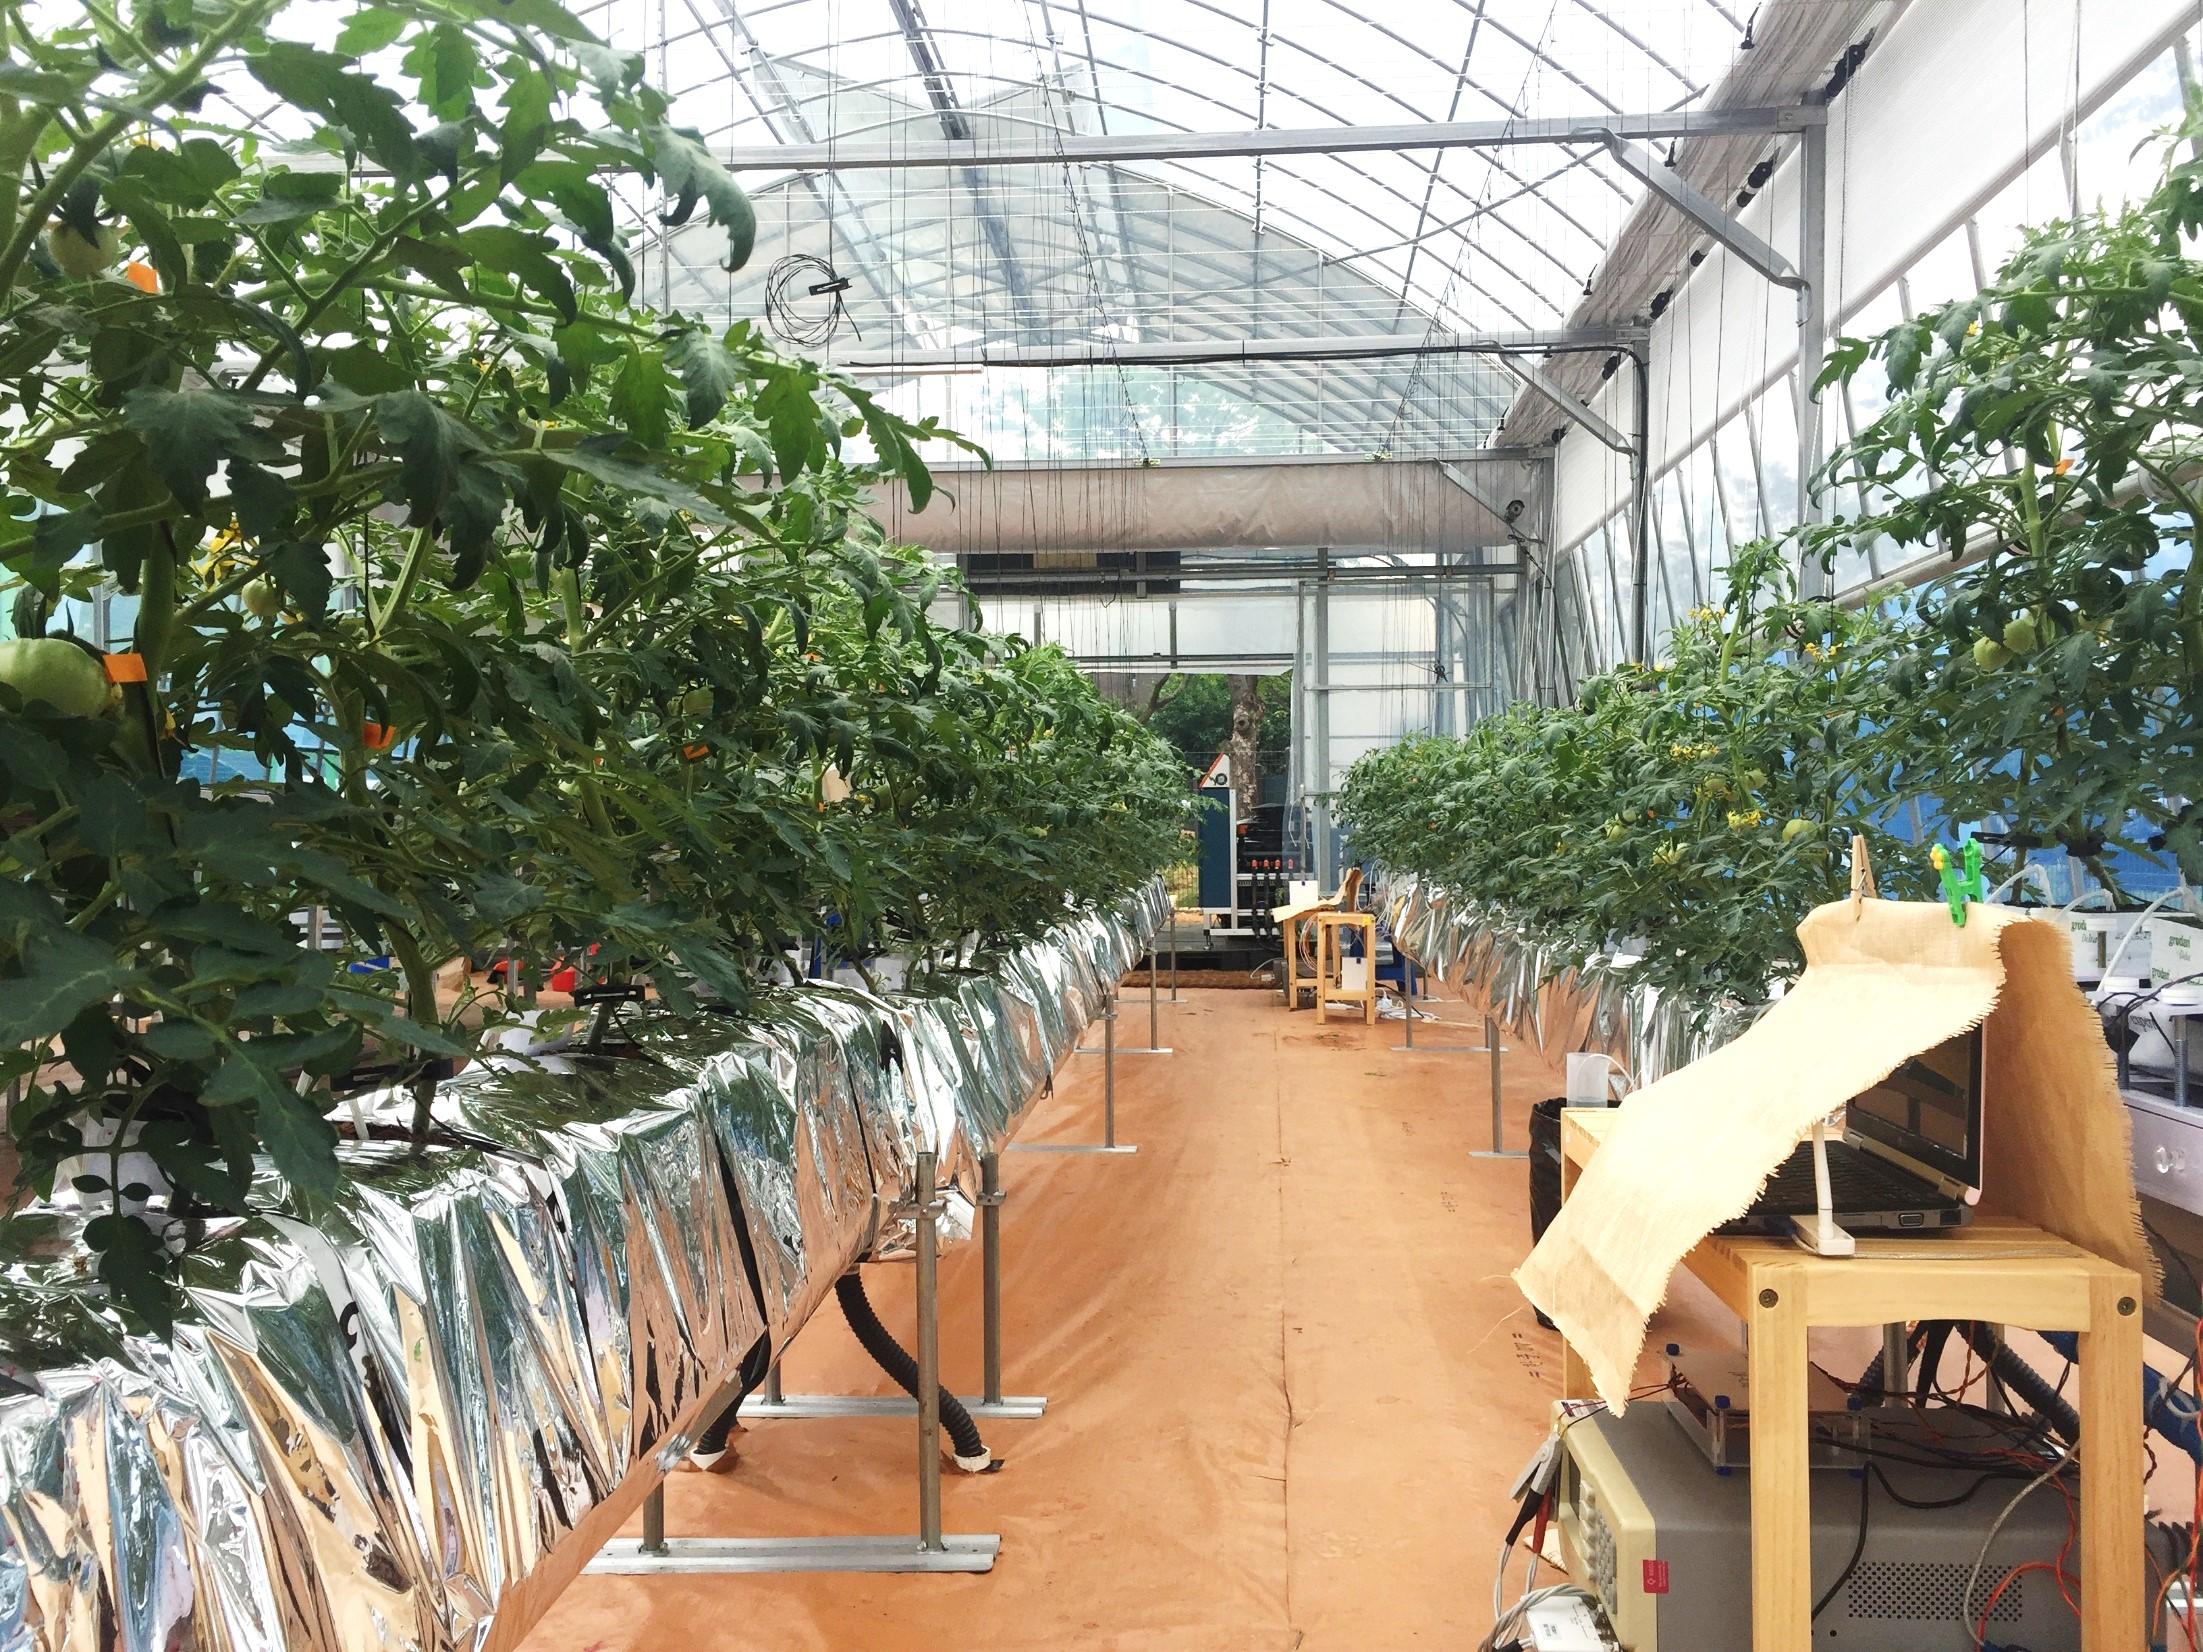 센서로 식물의 상태를 확인하는 스마트팜 온실의 내부